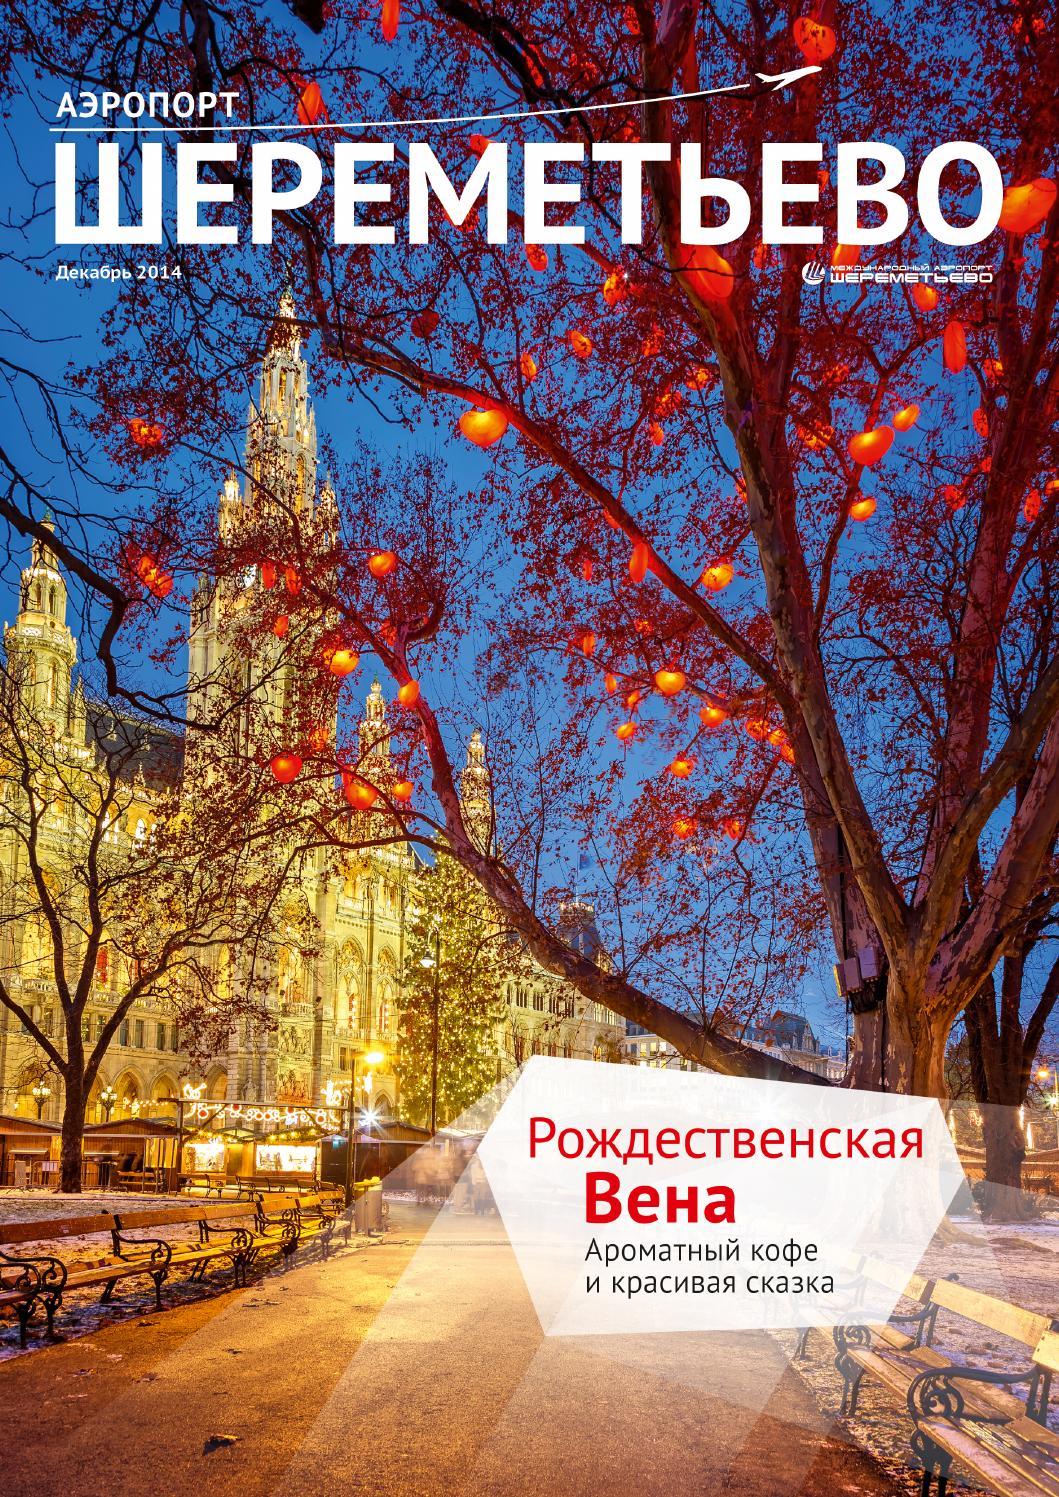 e053149a4 Sheremetyevo #24 by Sheremetyevo Airport Official Magazine | EMS Agency -  issuu